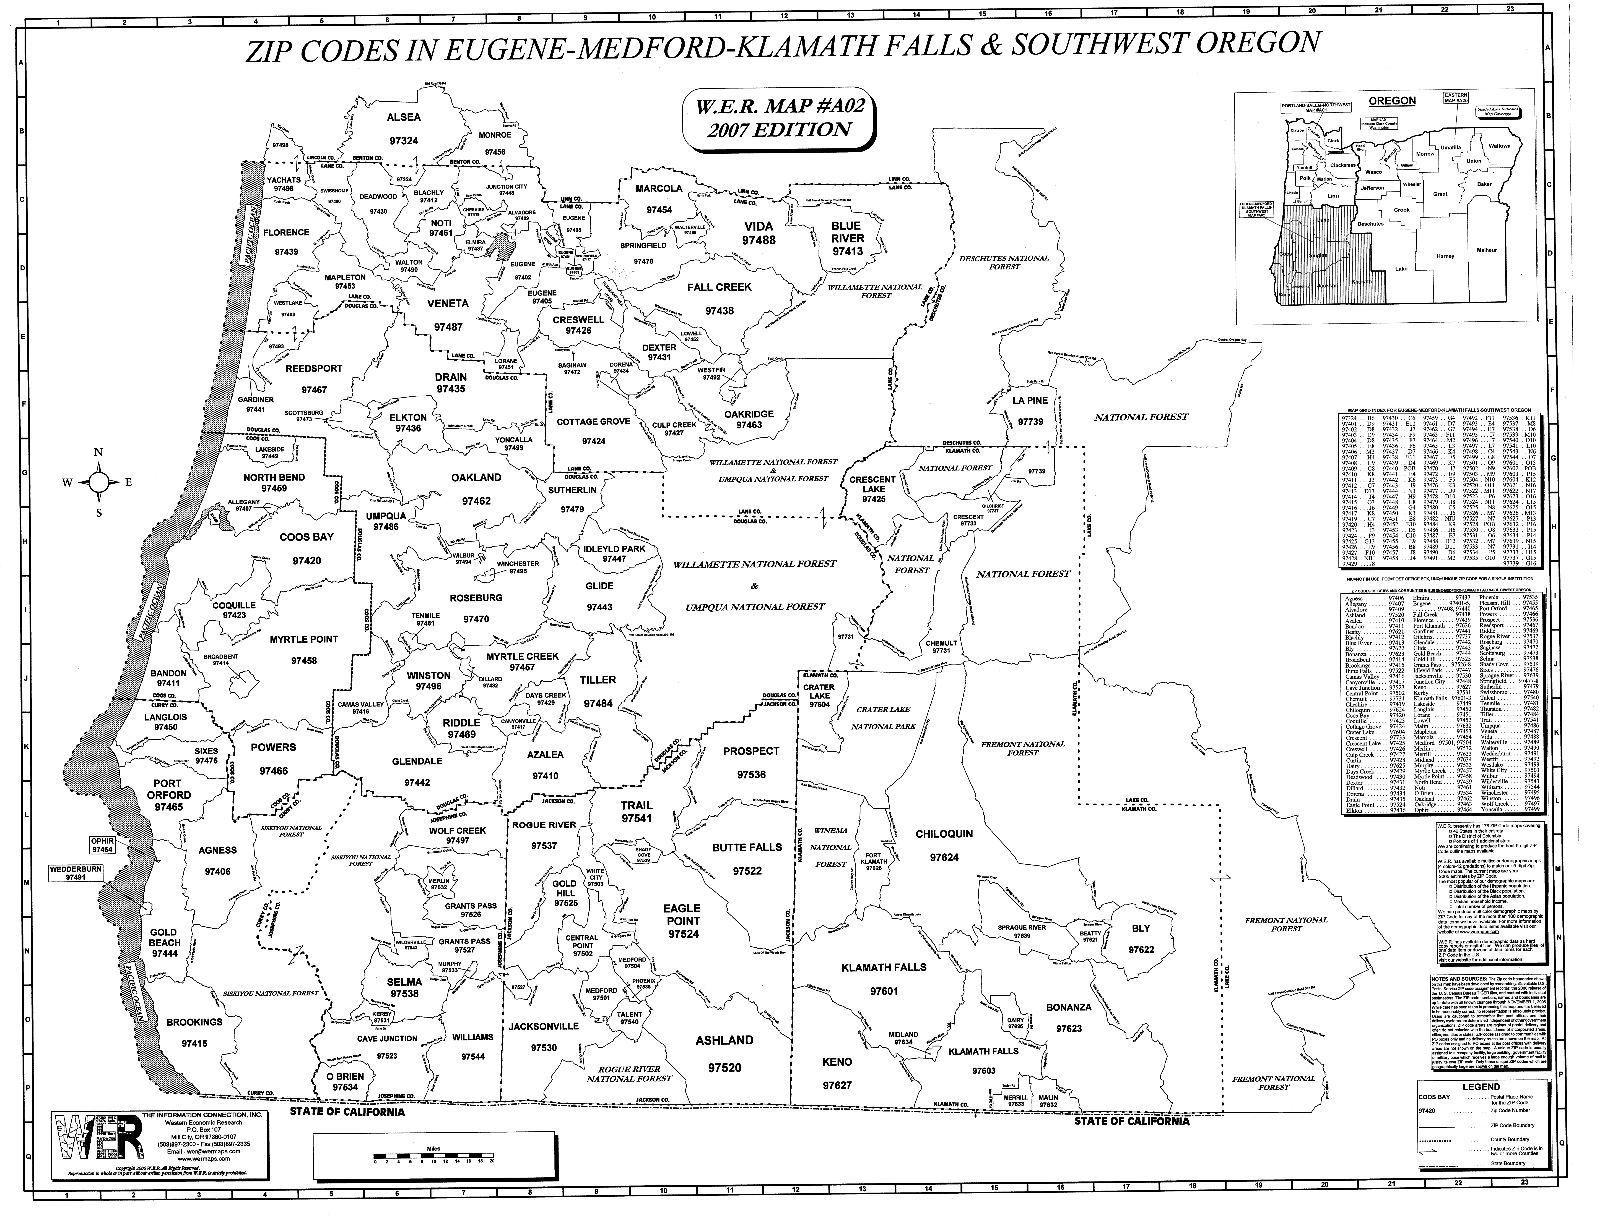 Eugene Medford Klamath Falls SW Oregon Laminated Zip Code